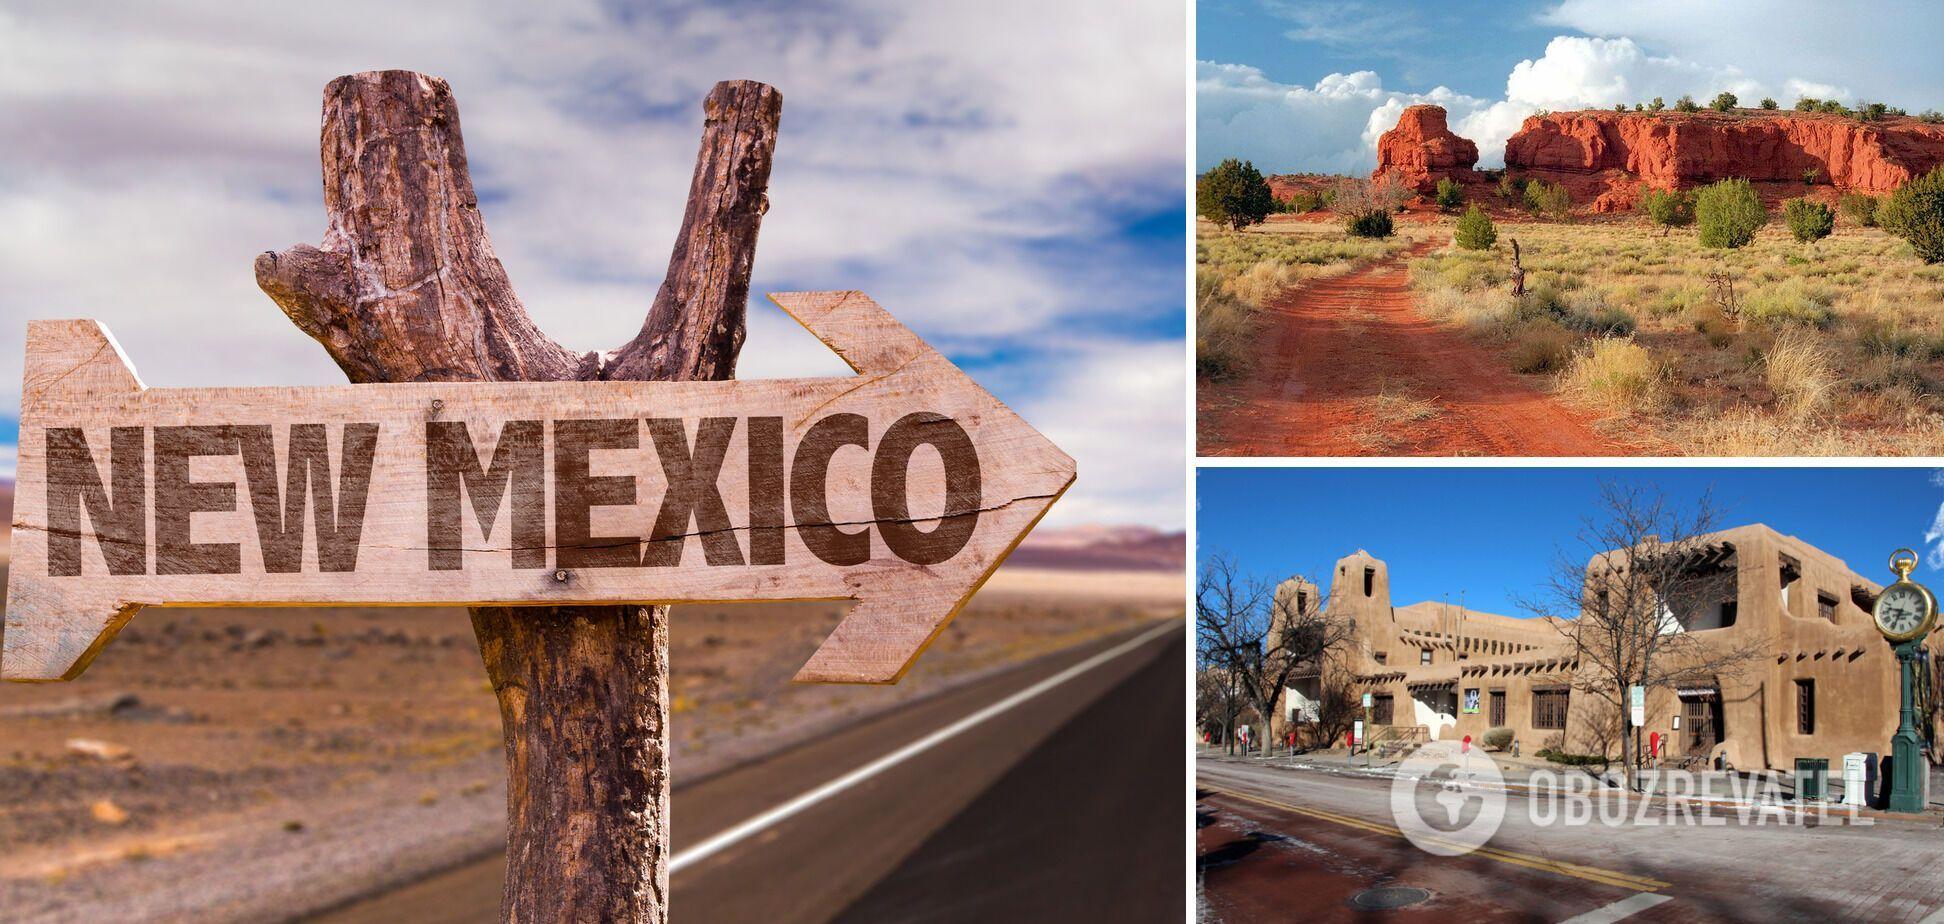 Путешествие по Америке: арт-город посреди пустыни